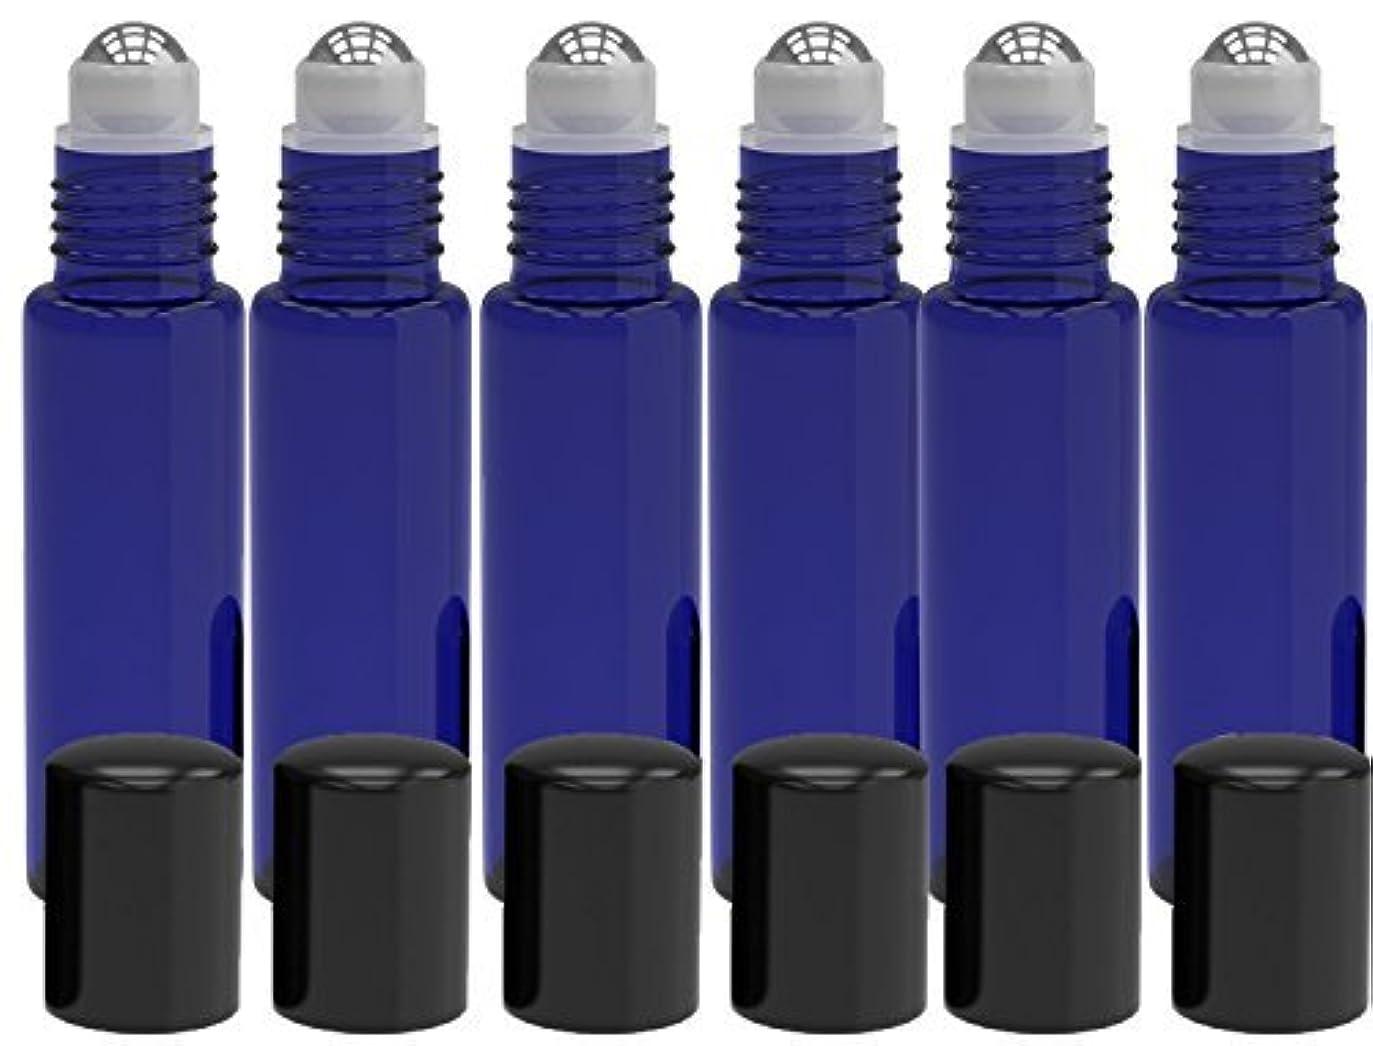 機構血色の良いひまわり6 Pack - Empty Roll on Glass Bottles [STAINLESS STEEL ROLLER] 10ml Refillable Color Roll On for Fragrance Essential...